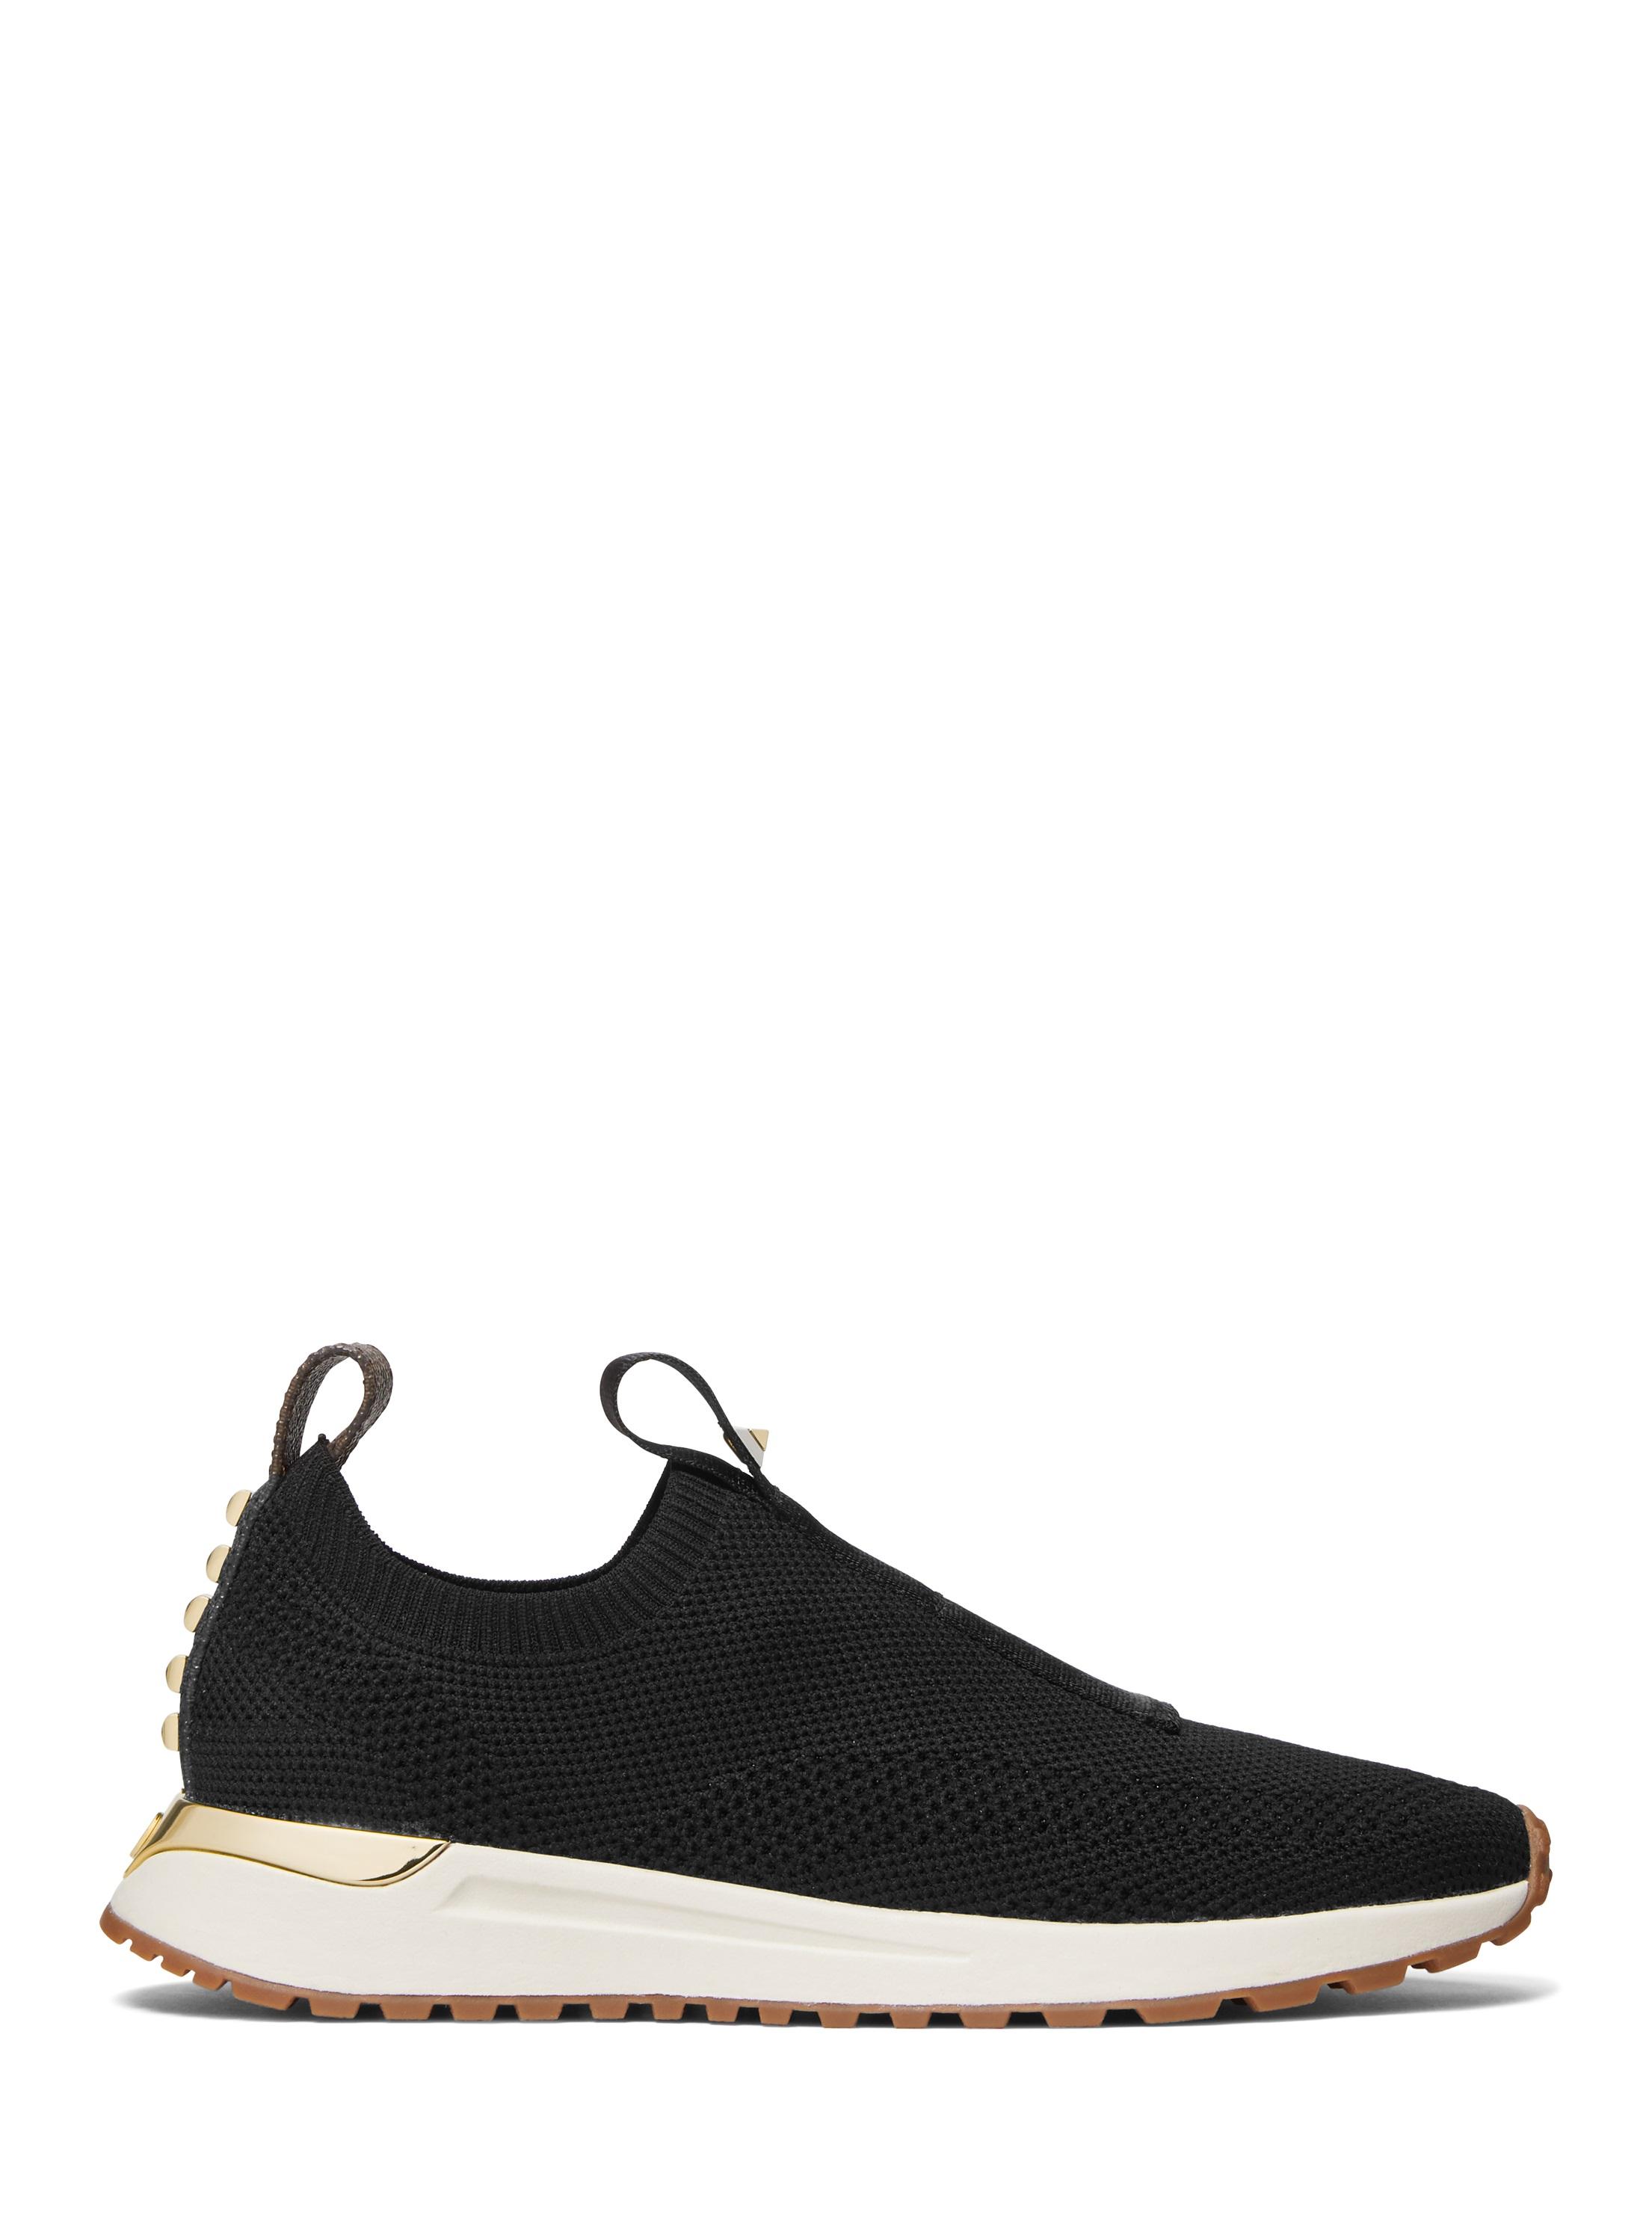 Michael Kors Bodie sneakers, black, 41